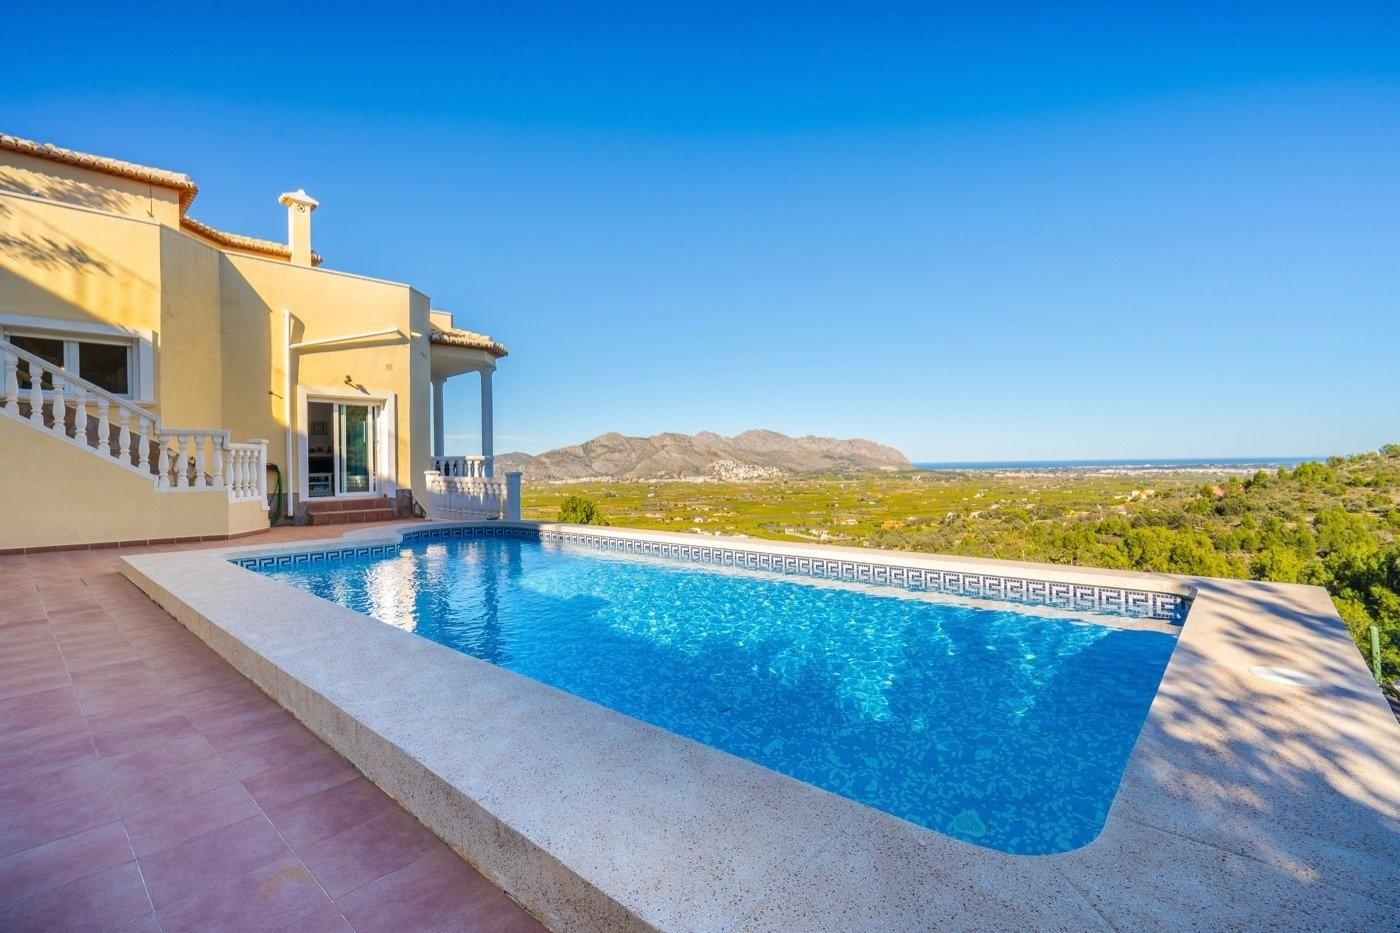 Villa tegen verlaagde prijs te koop in de Orba vallei